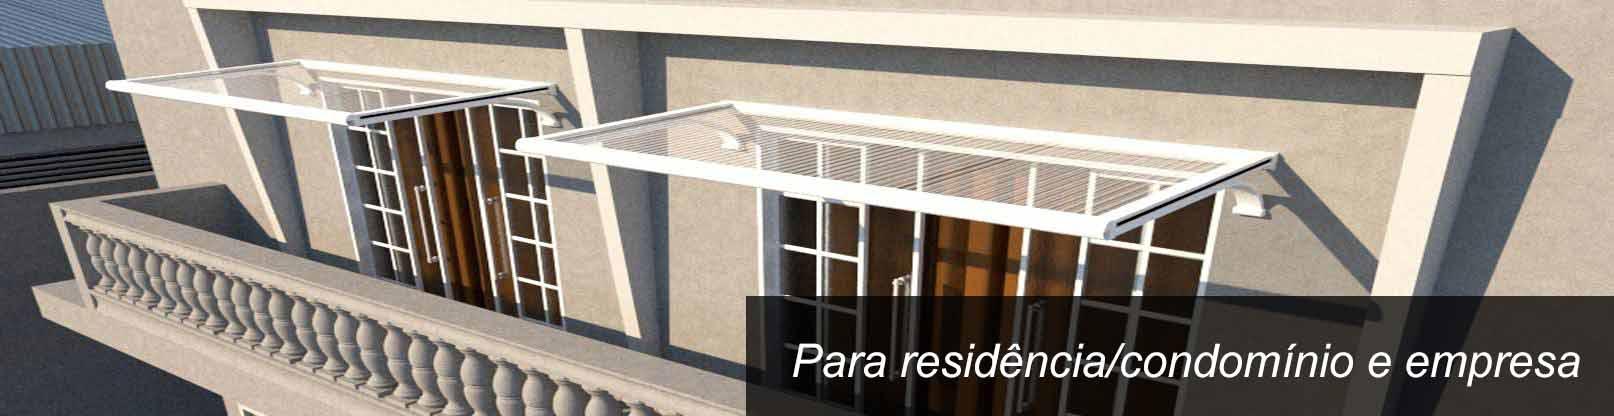 cobertoldos-toldo-residencial-fixo